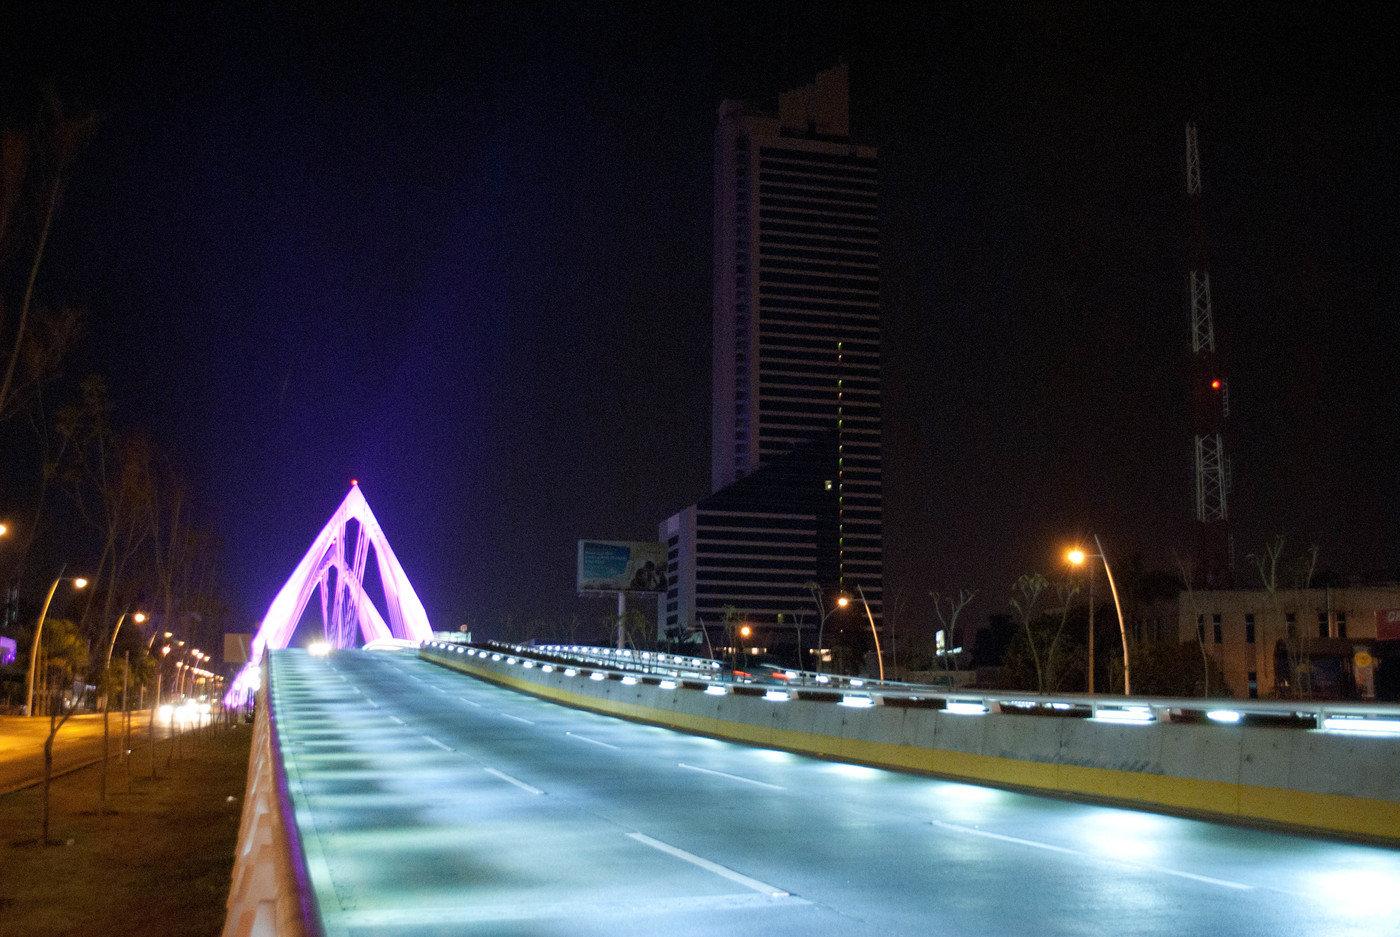 Puente Matute Remus by Marco Lisandro Flores Ramírez at ... Ivanovich Ramirez Puente Photos